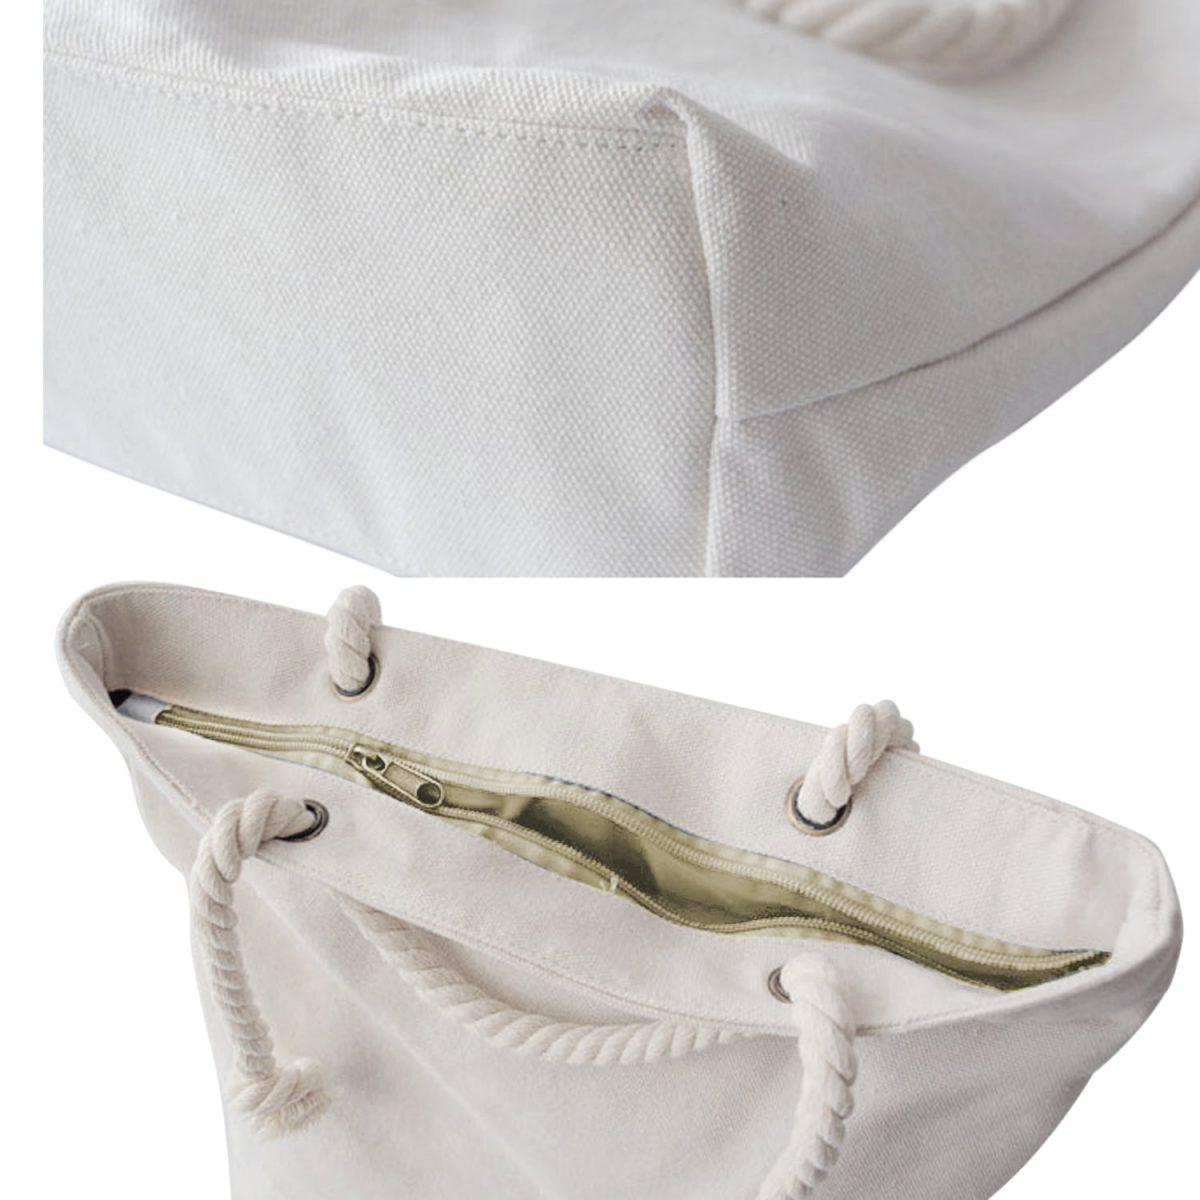 Beyaz Mermer Desenli Dijital Baskılı Fermuarlı Kumaş Çanta Realhomes